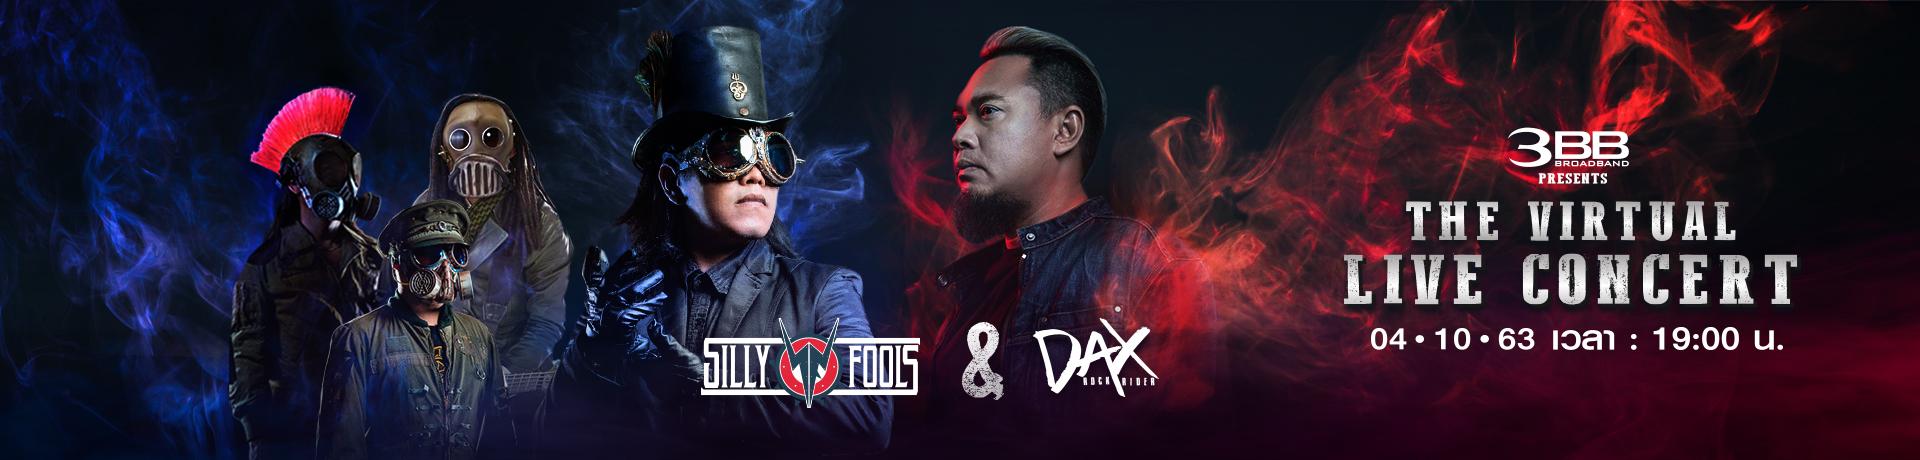 คอนเสิร์ต 3BB The Virtual LIVE Concert Silly Fools & DAX ผ่าน ZOOM